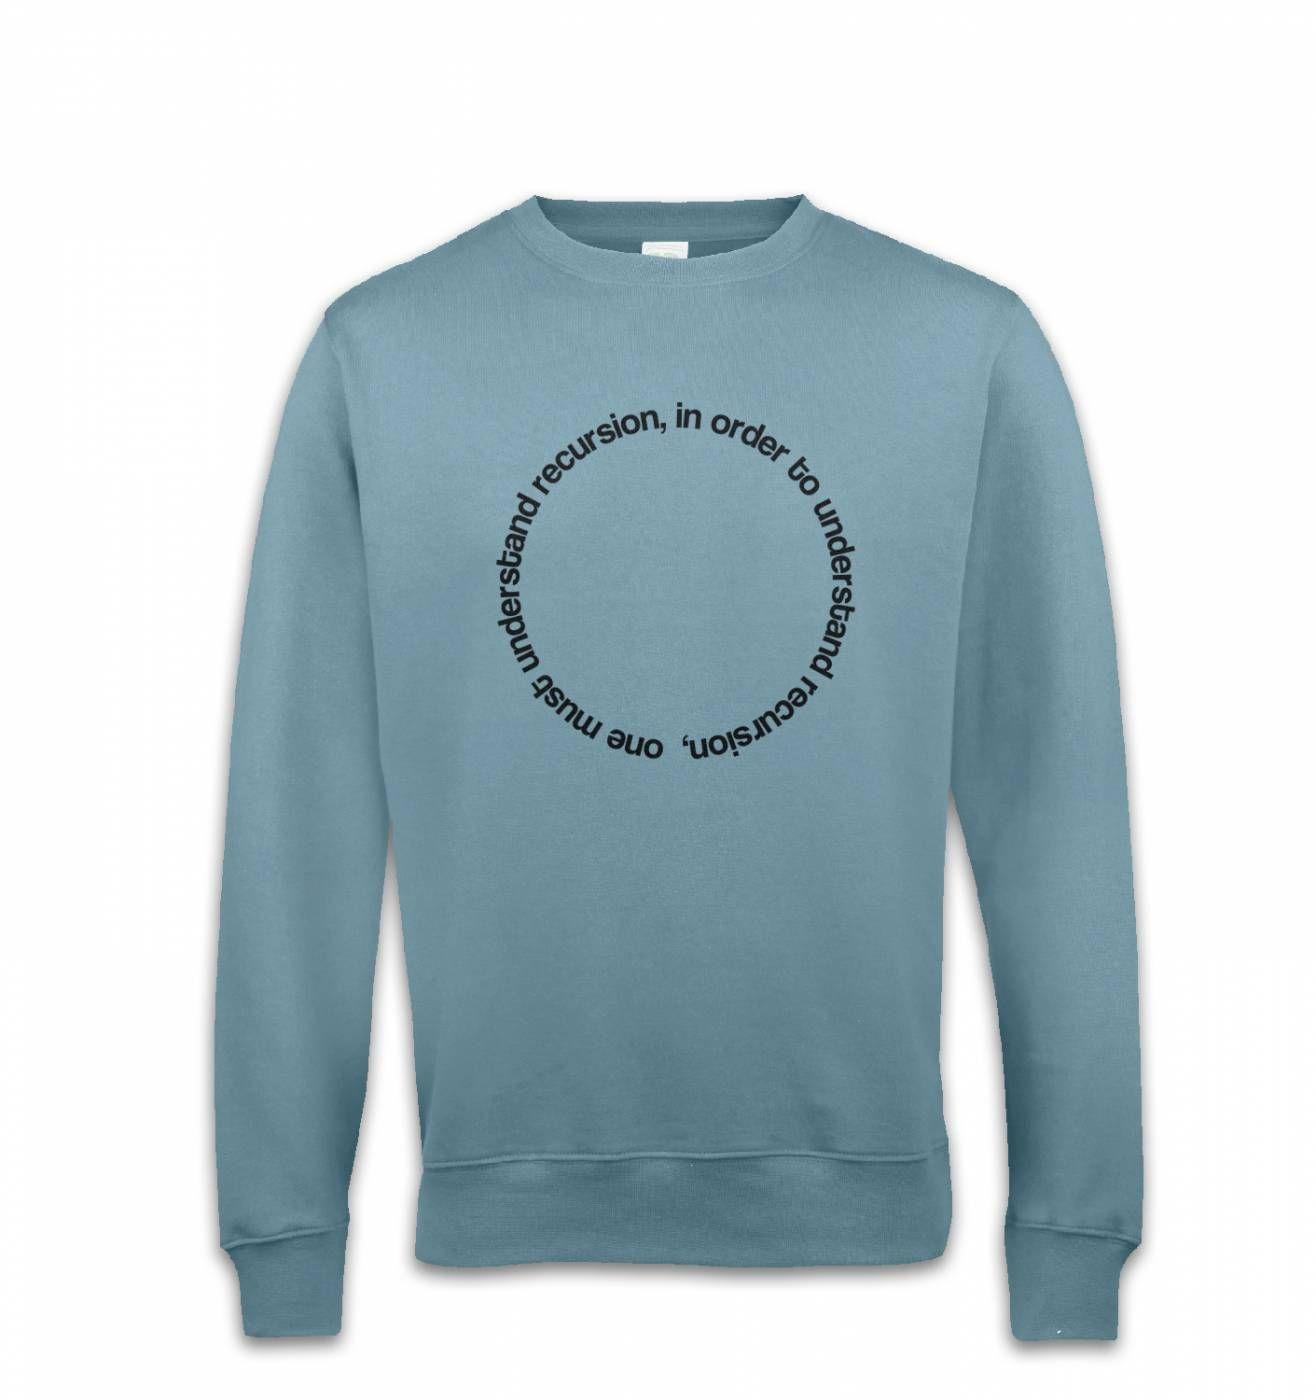 In Order To Understand Recursion sweatshirt